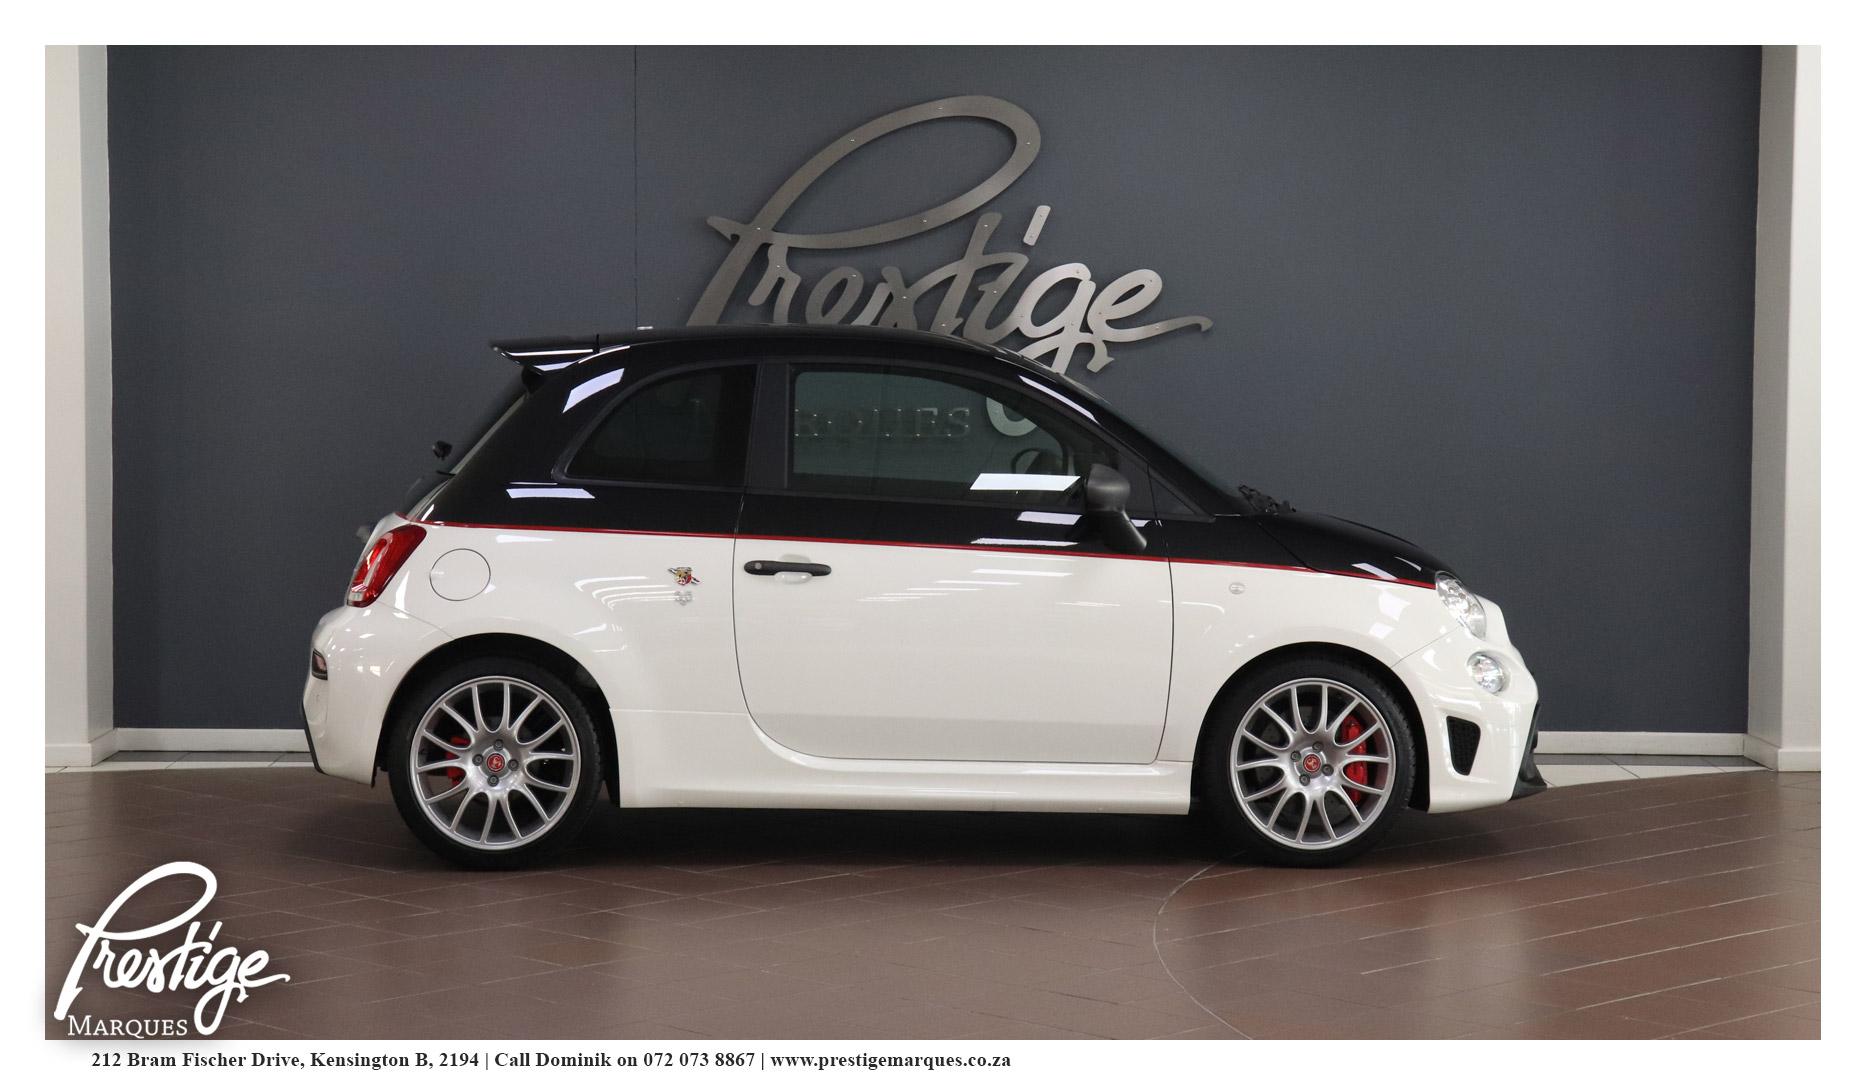 2020-Fiat-Abarth-595-Competizione-Manual-Prestige-Marques-Randburg-Sandton-7